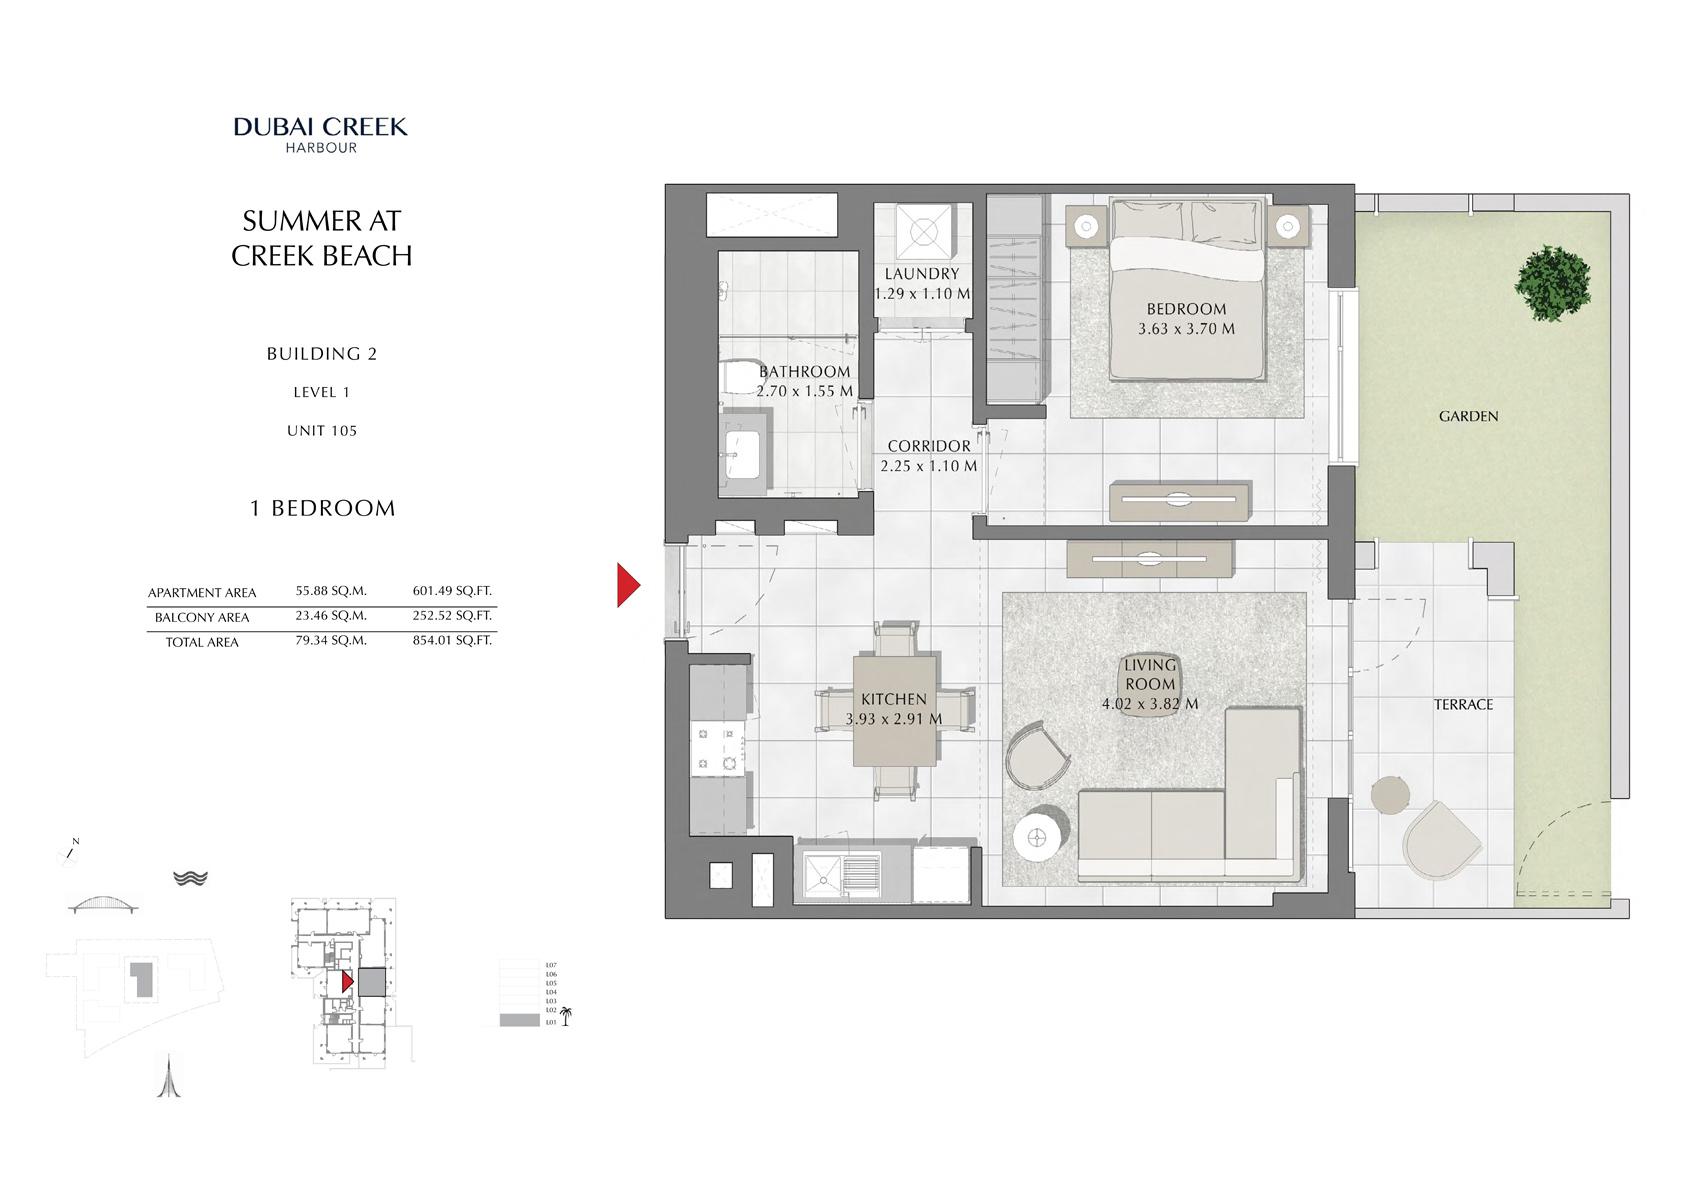 1 Br Building 2 Level 1 Unit 105, Size 854 Sq Ft